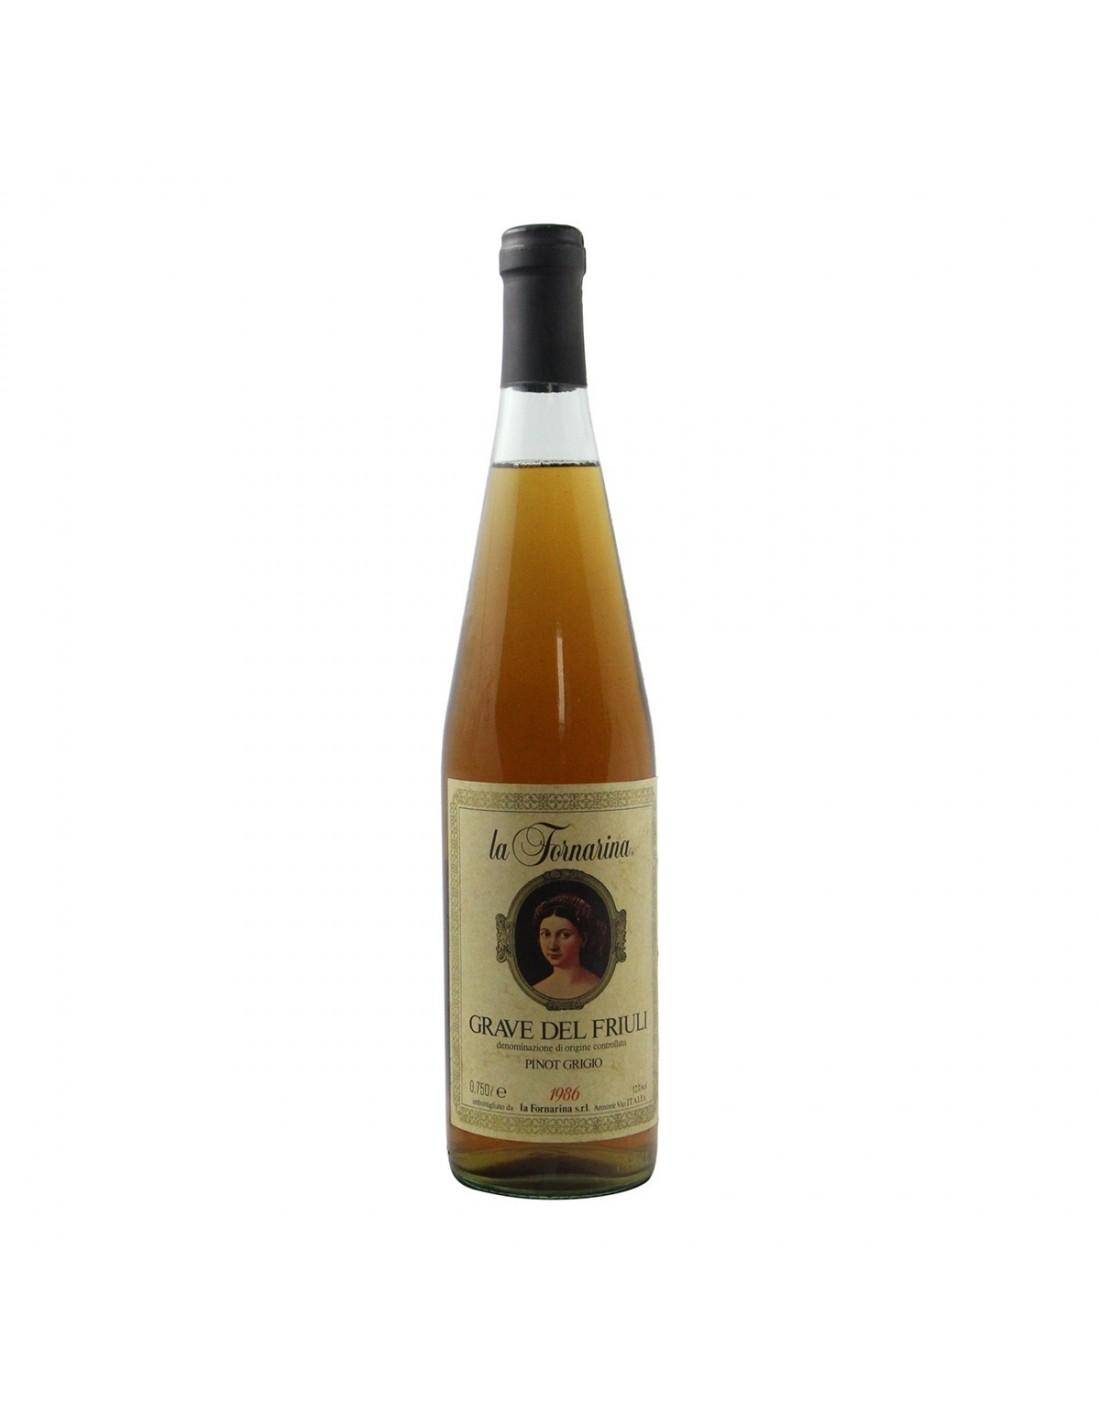 GRAVE DEL FRIULI PINOT GRIGIO 1986 LA FORNARINA Grandi Bottiglie